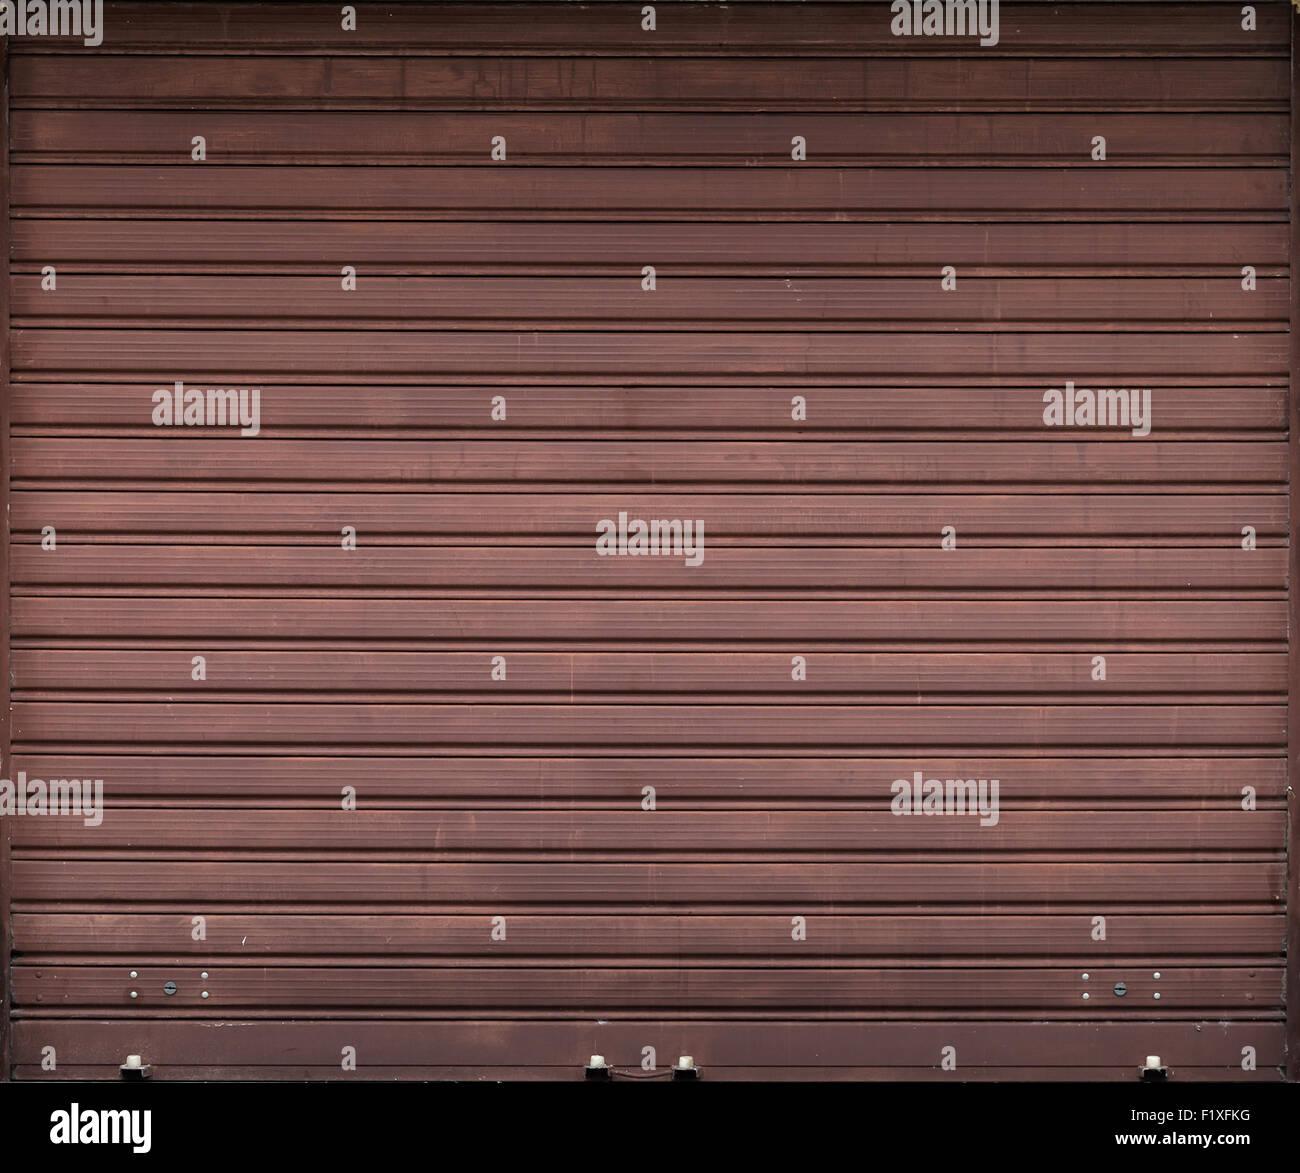 Exceptionnel Brown Metal Garage Door, Roller Shutter Background Texture   Stock Image